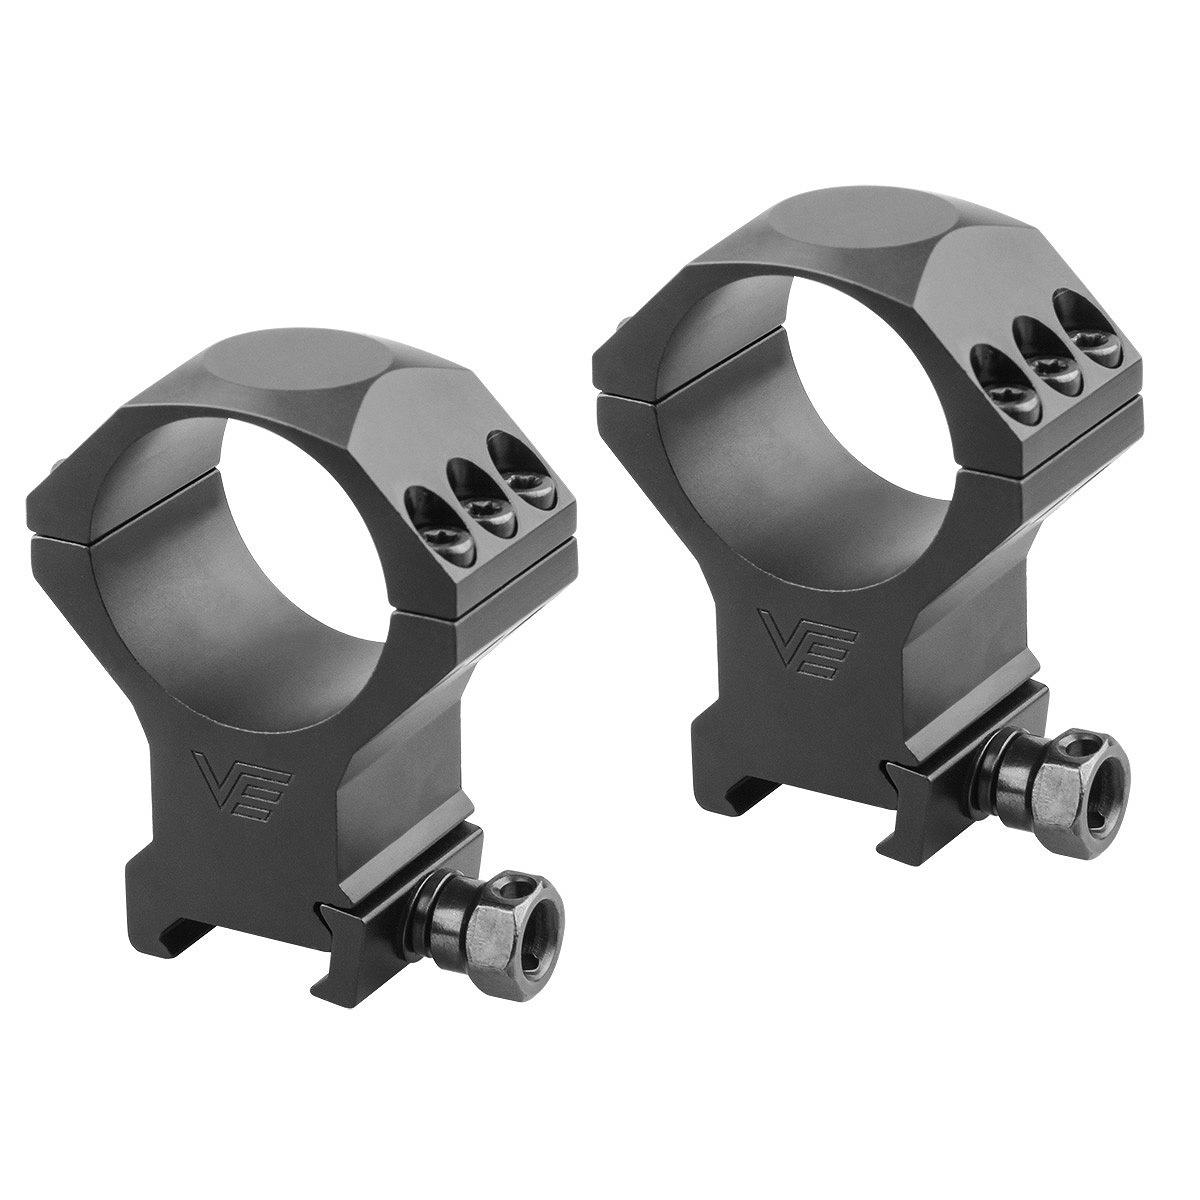 ベクターオプティクス ライフルスコープ コンチネンタル 5-30x56 FFP Vector Optics Continental 5-30x56 FFP